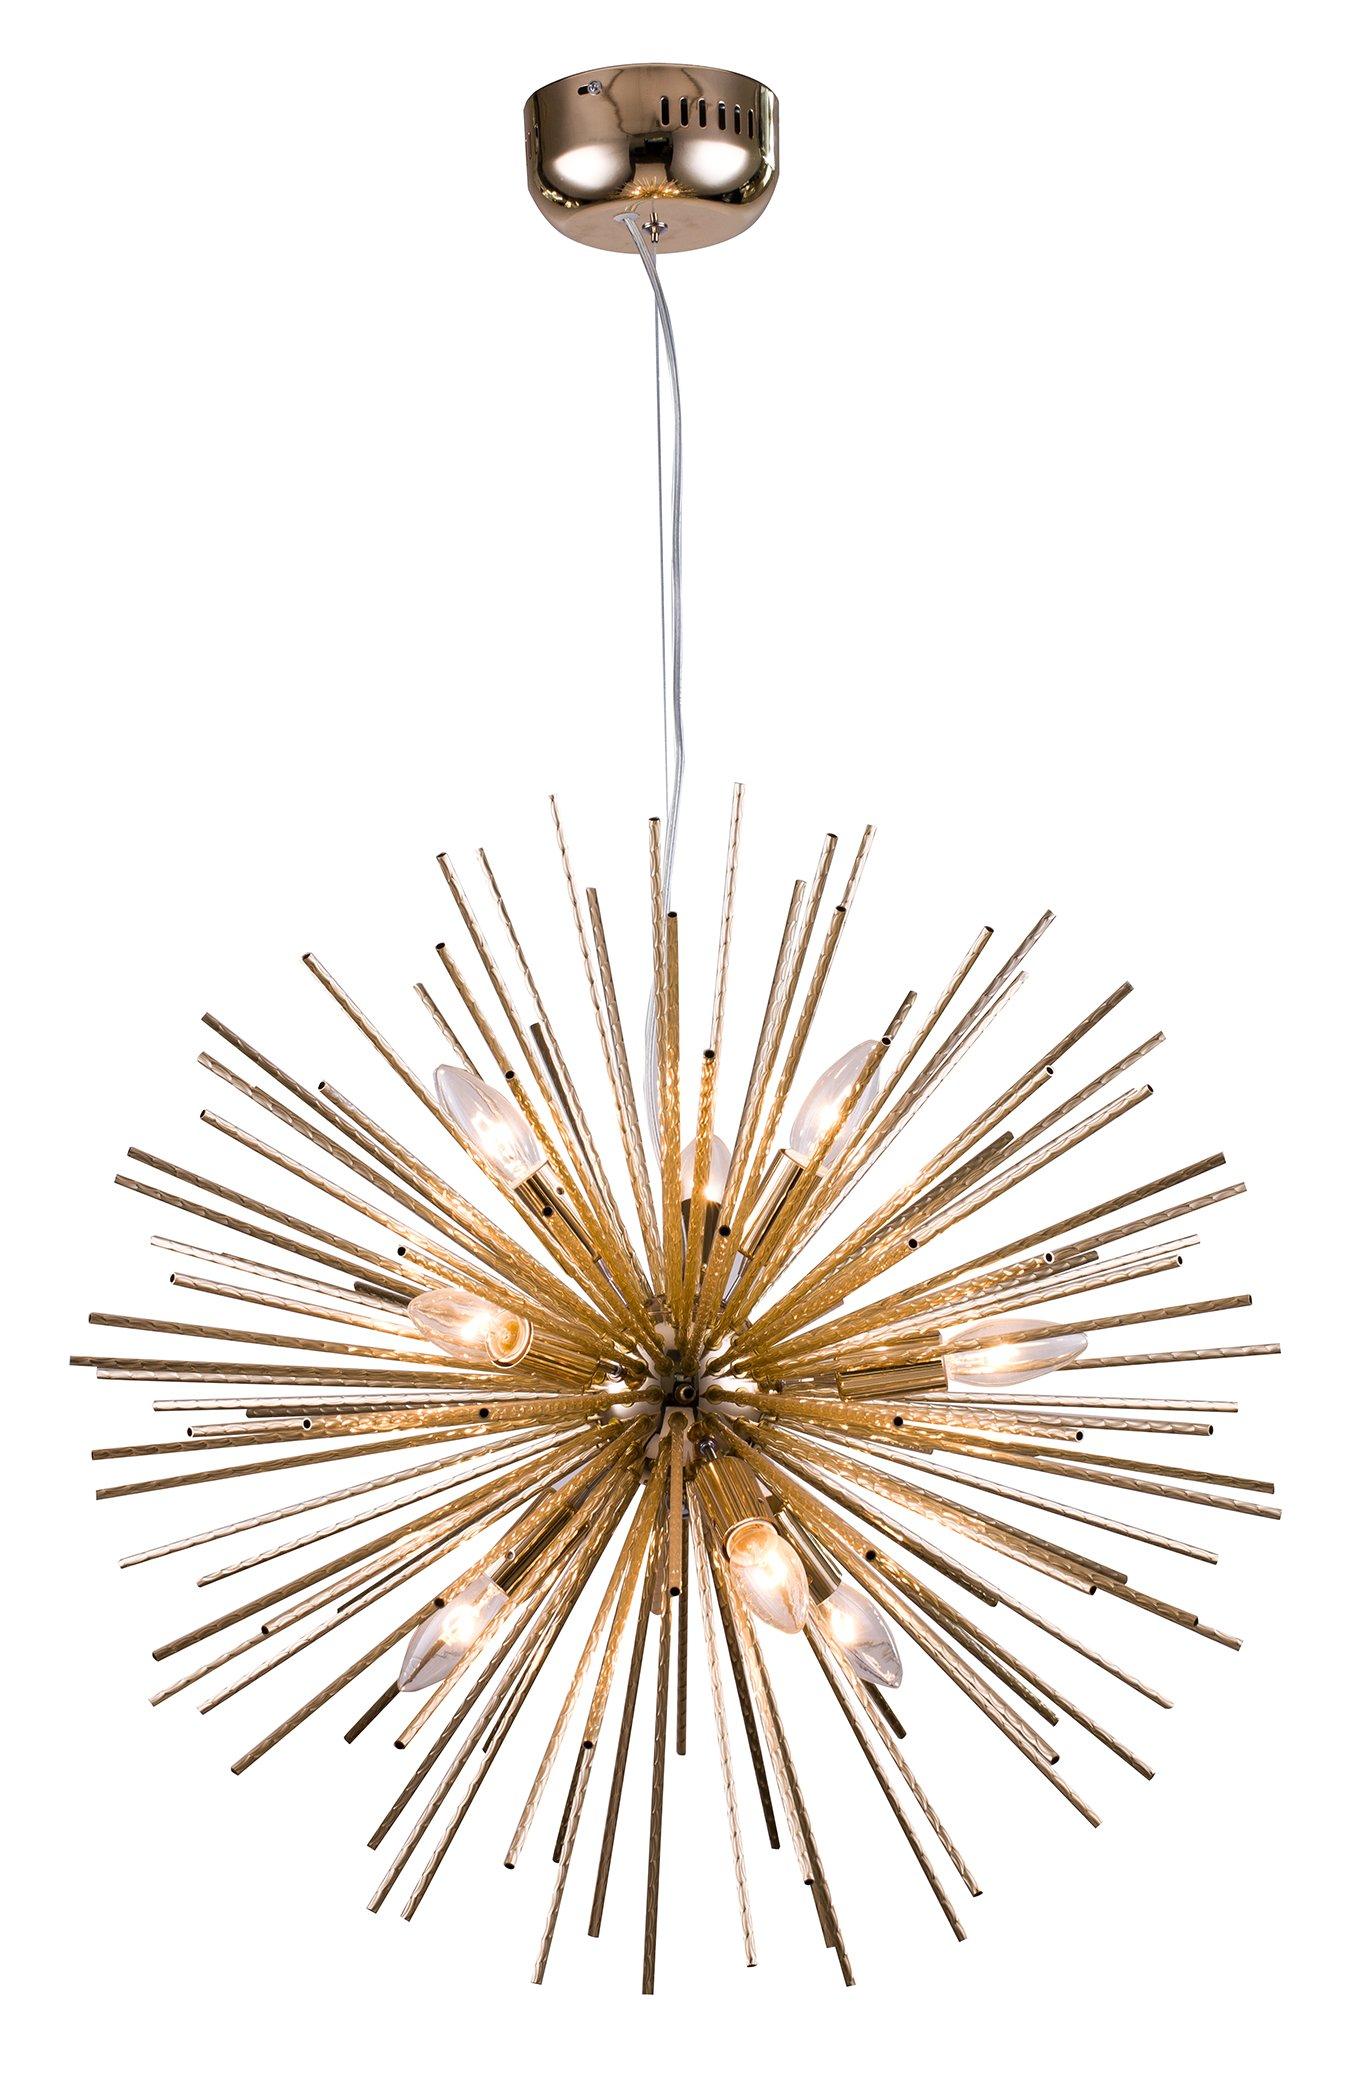 Aluminium Gold spike ball light fixture